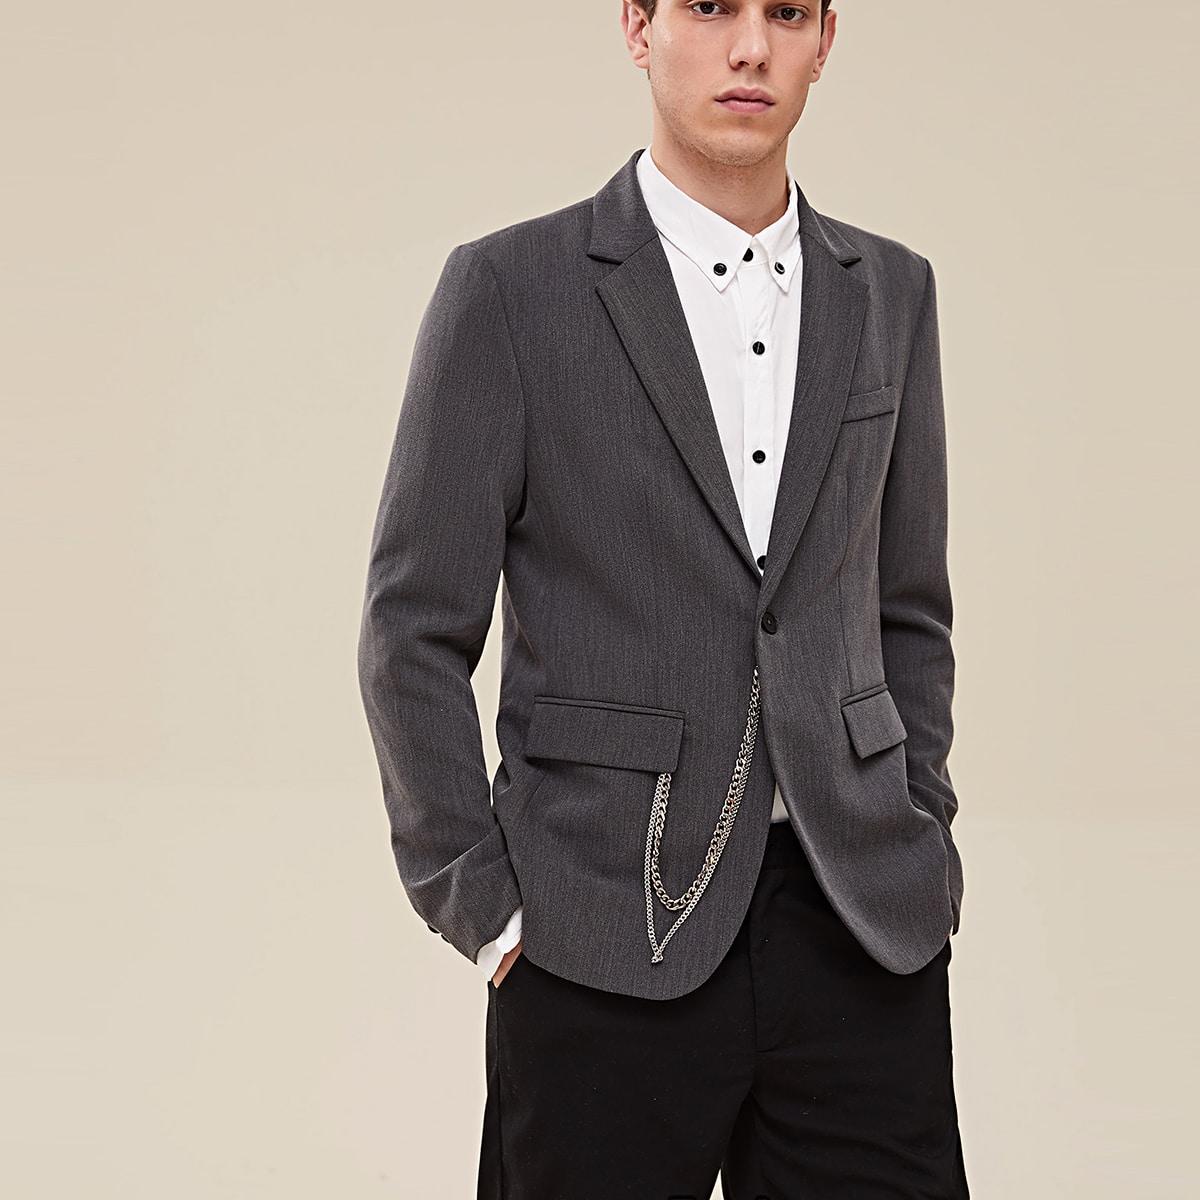 Мужской пиджак с пуговицей